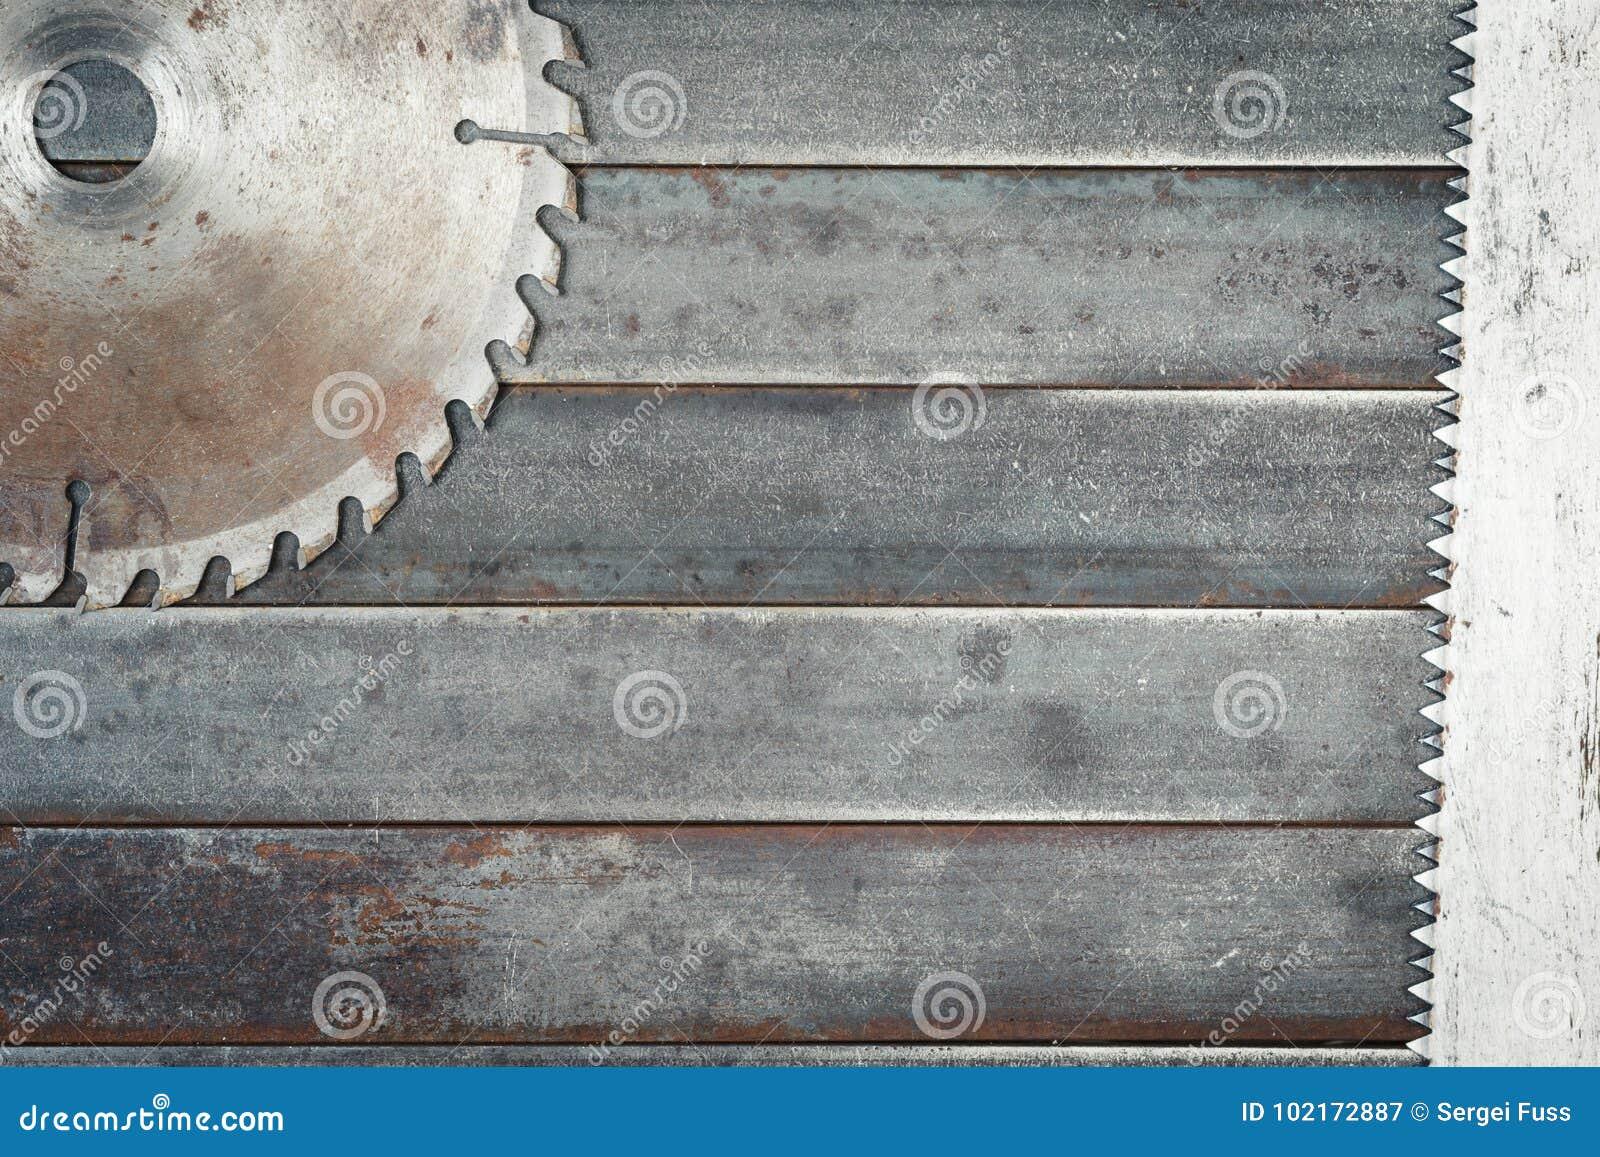 Circular saw blades, large teeth details steel blade, metal whee